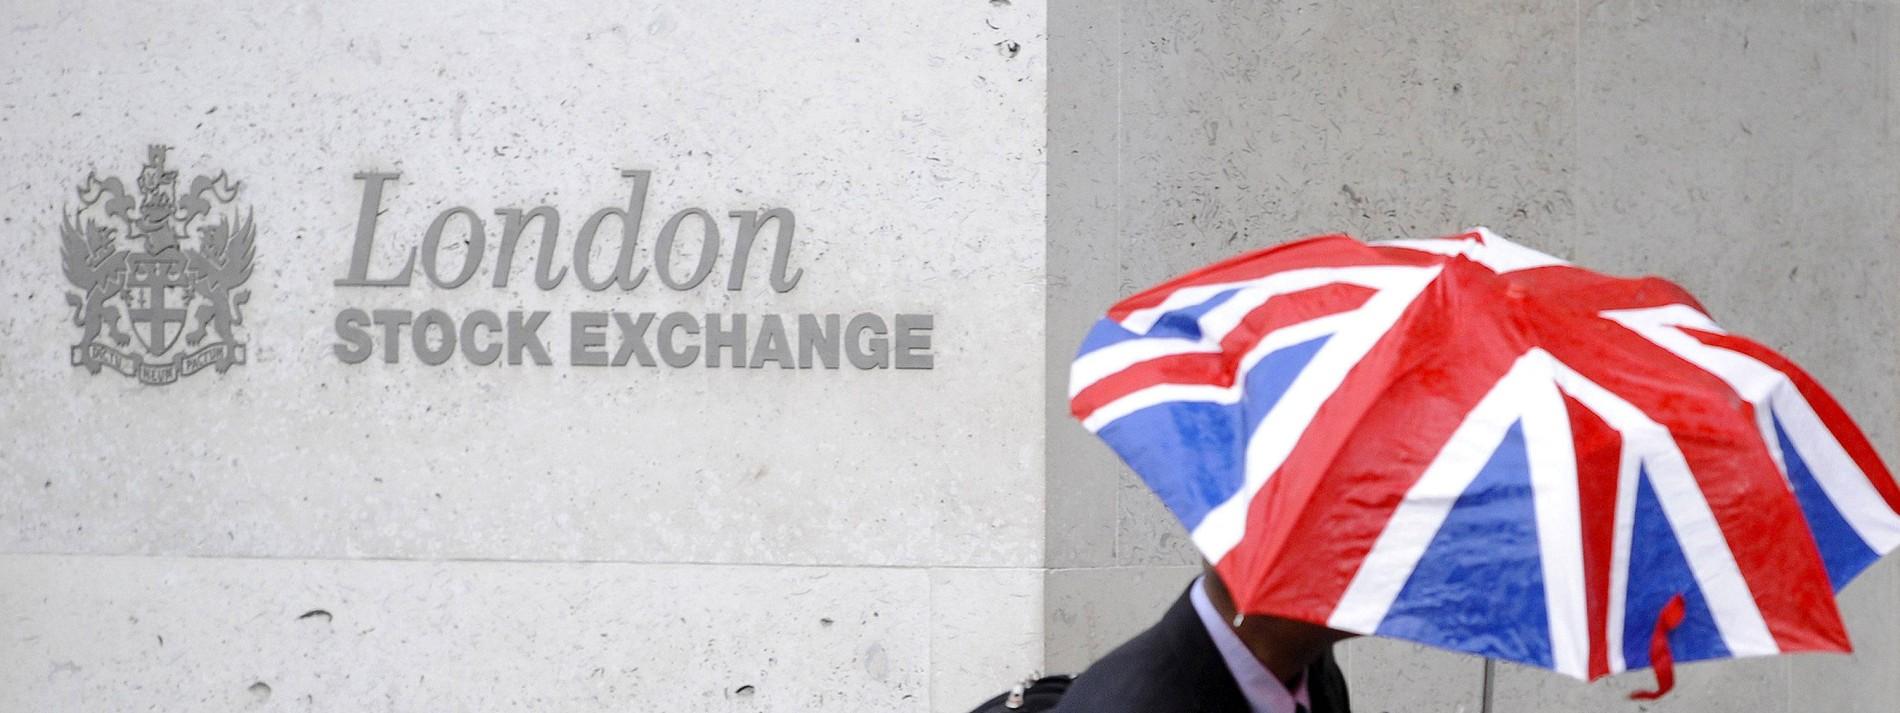 Welche Aktien trotz Brexit profitieren könnten